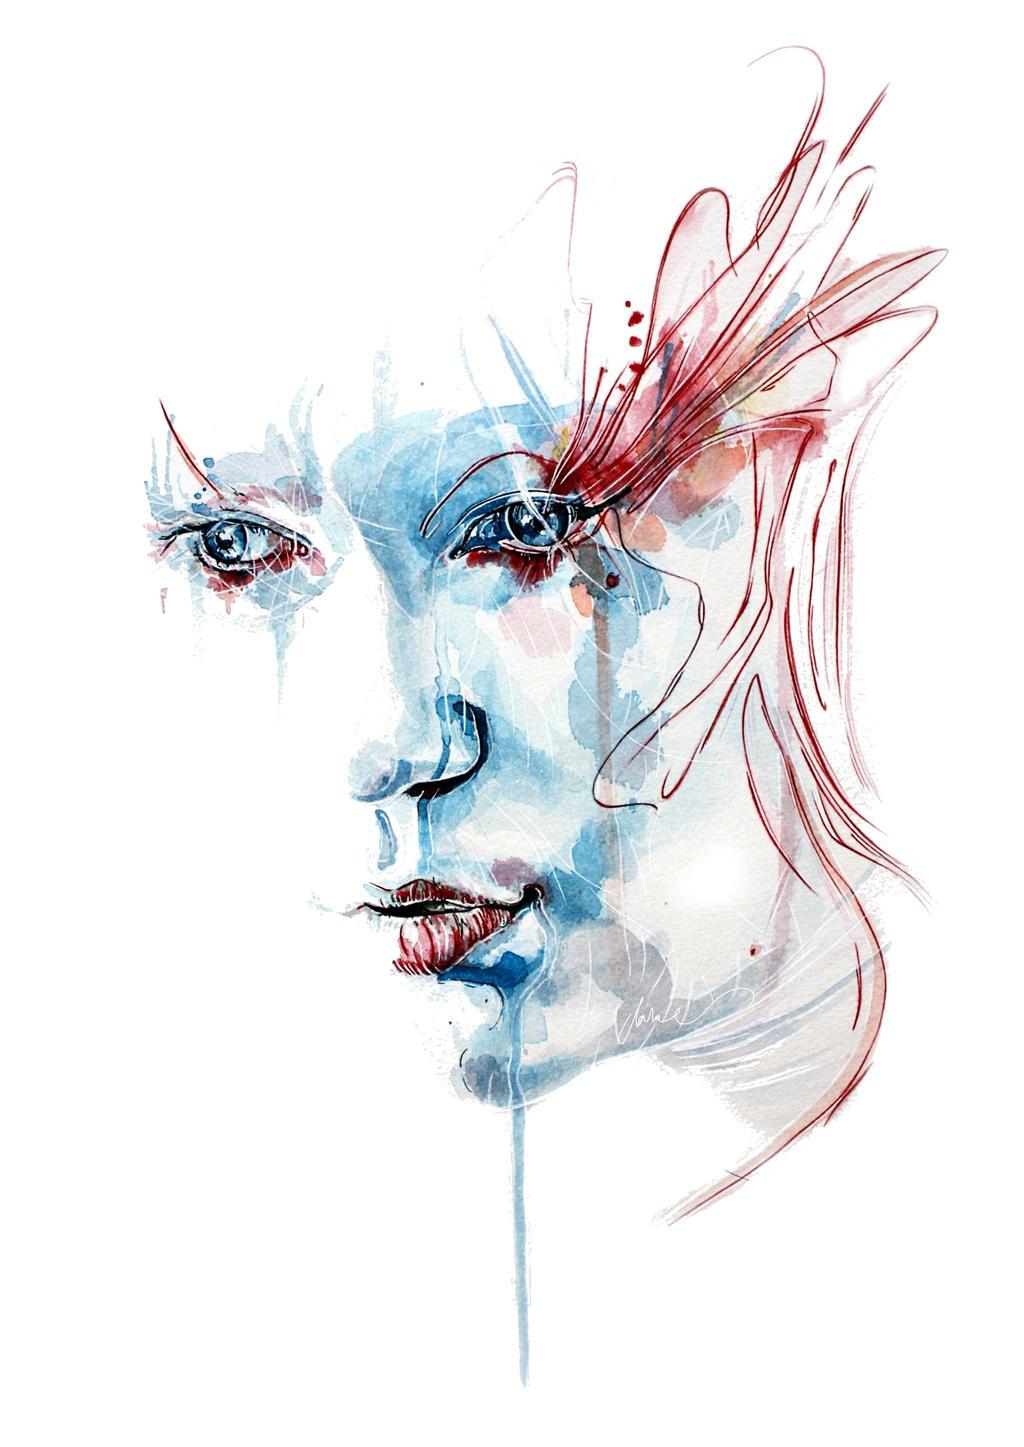 Indelible scars by KlarEm